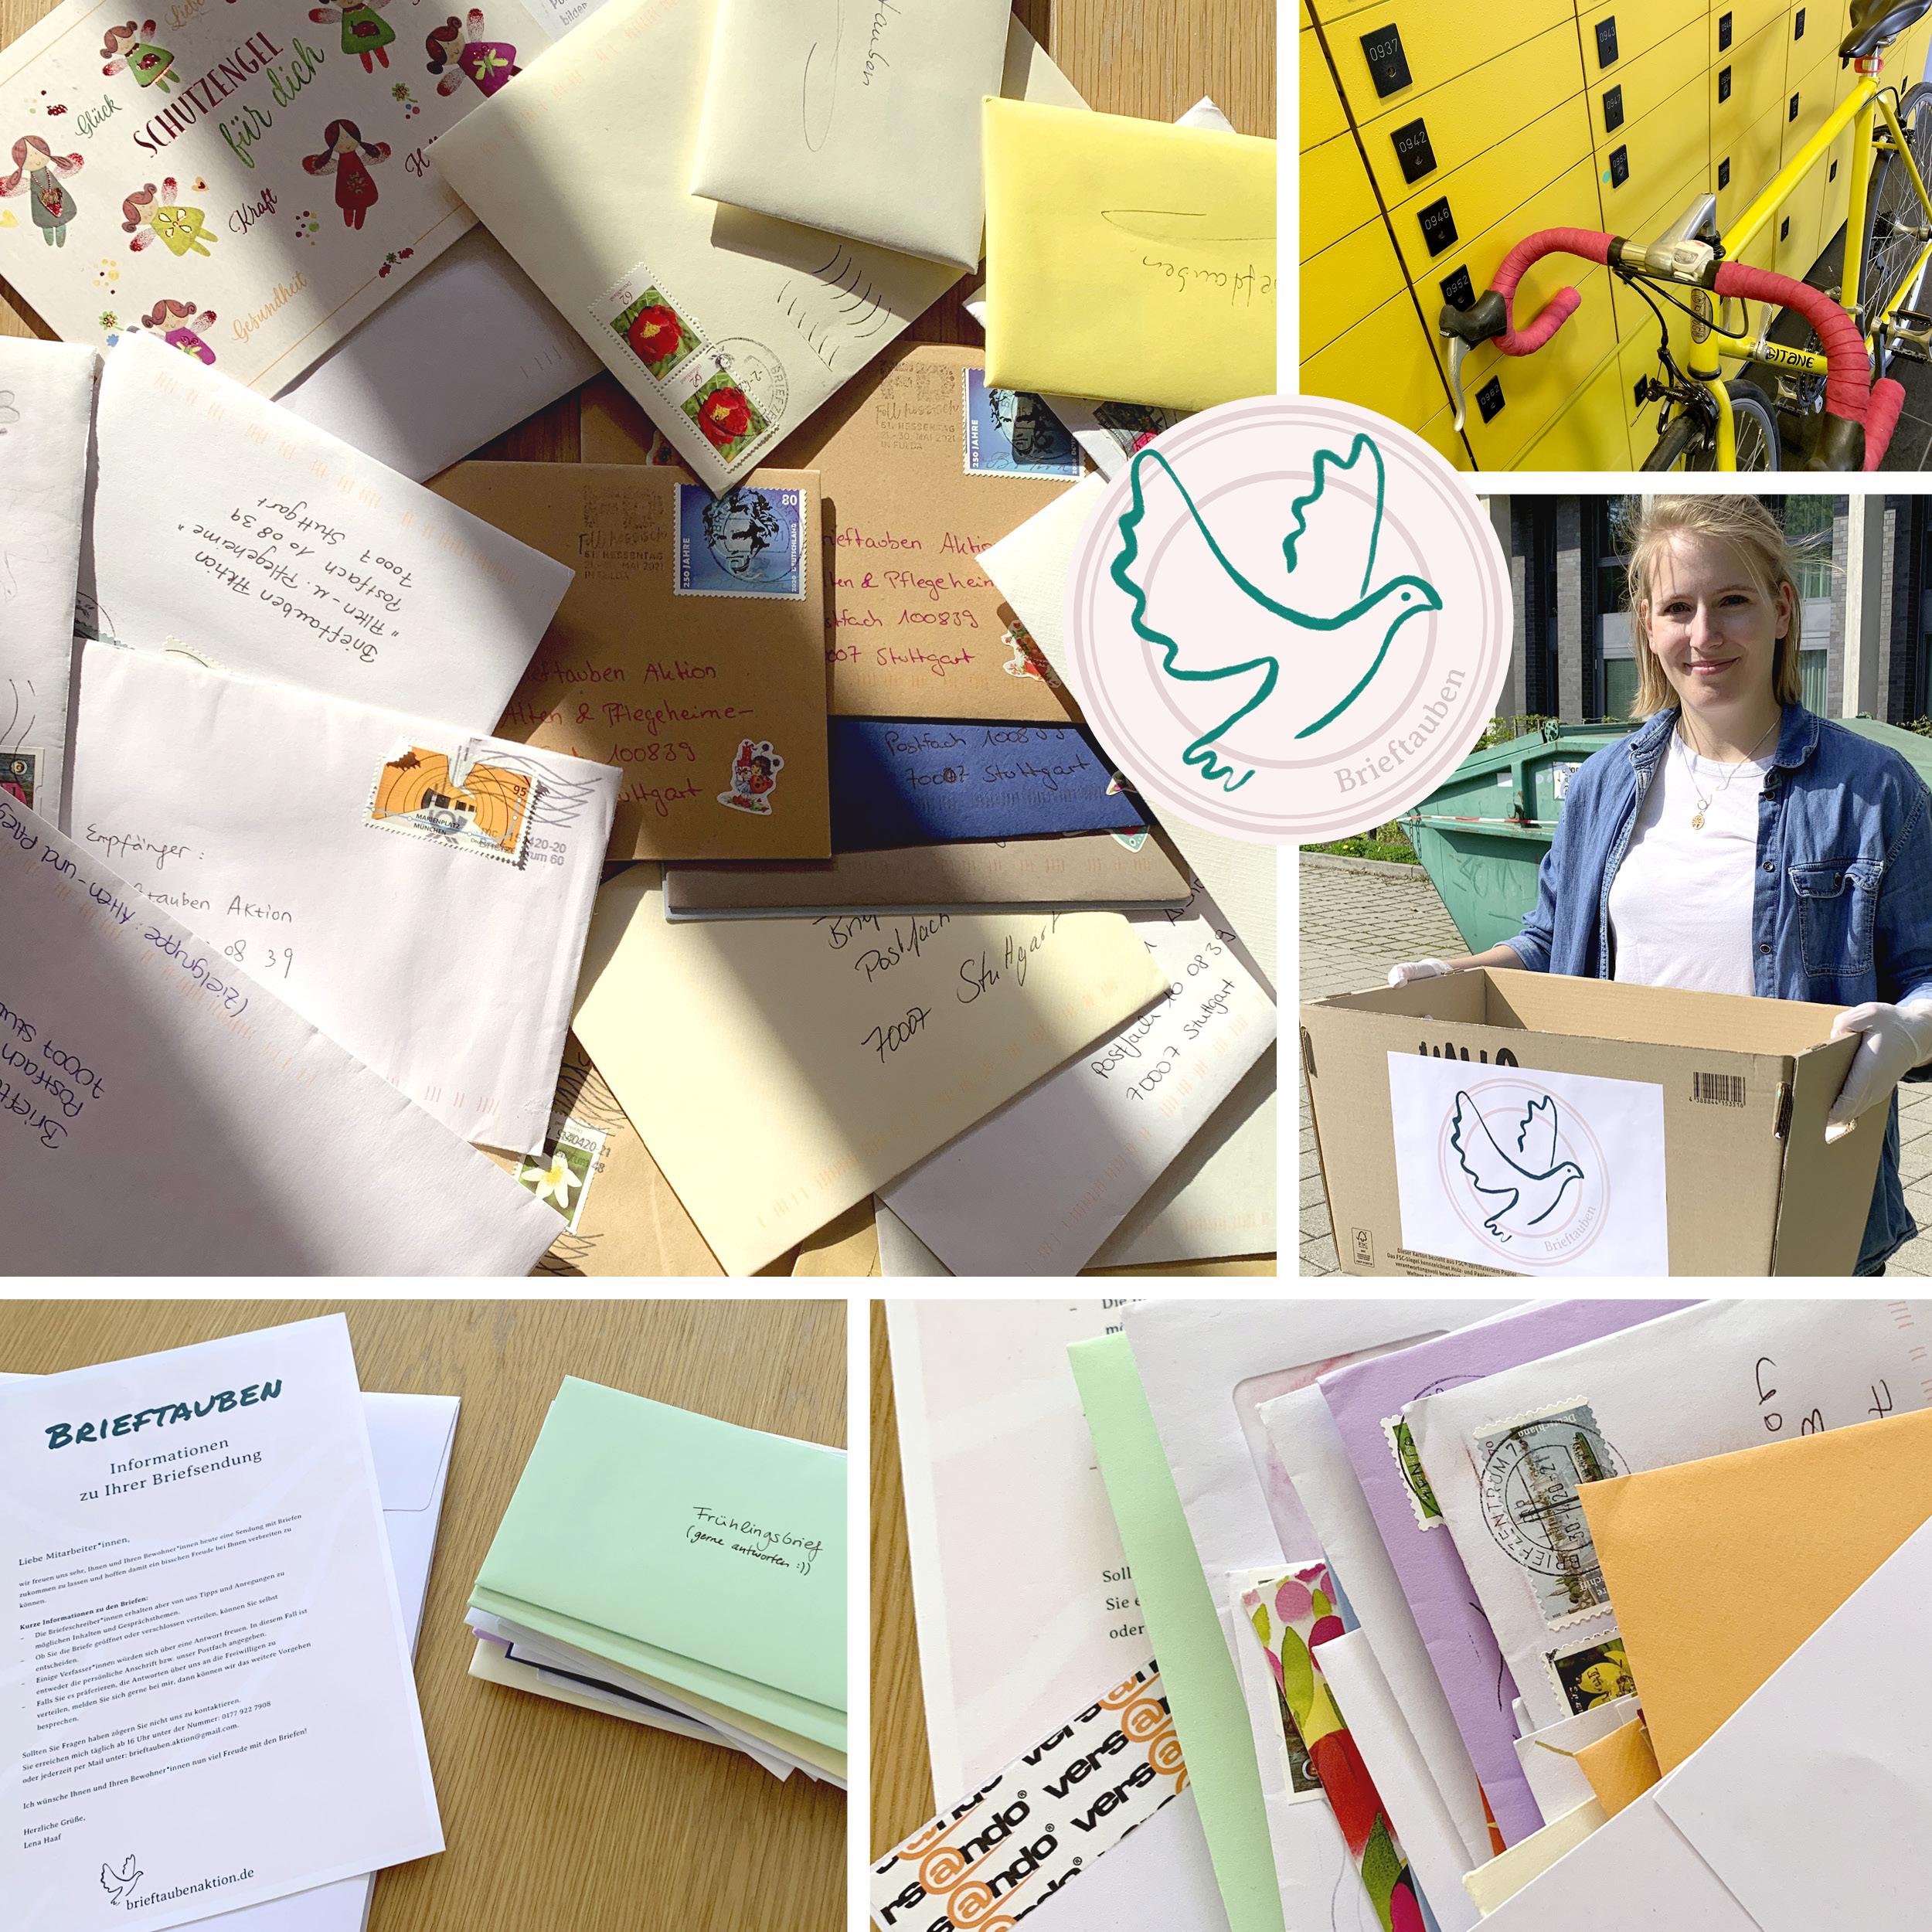 Briefe Schreiben Brieftauben Aktion Post